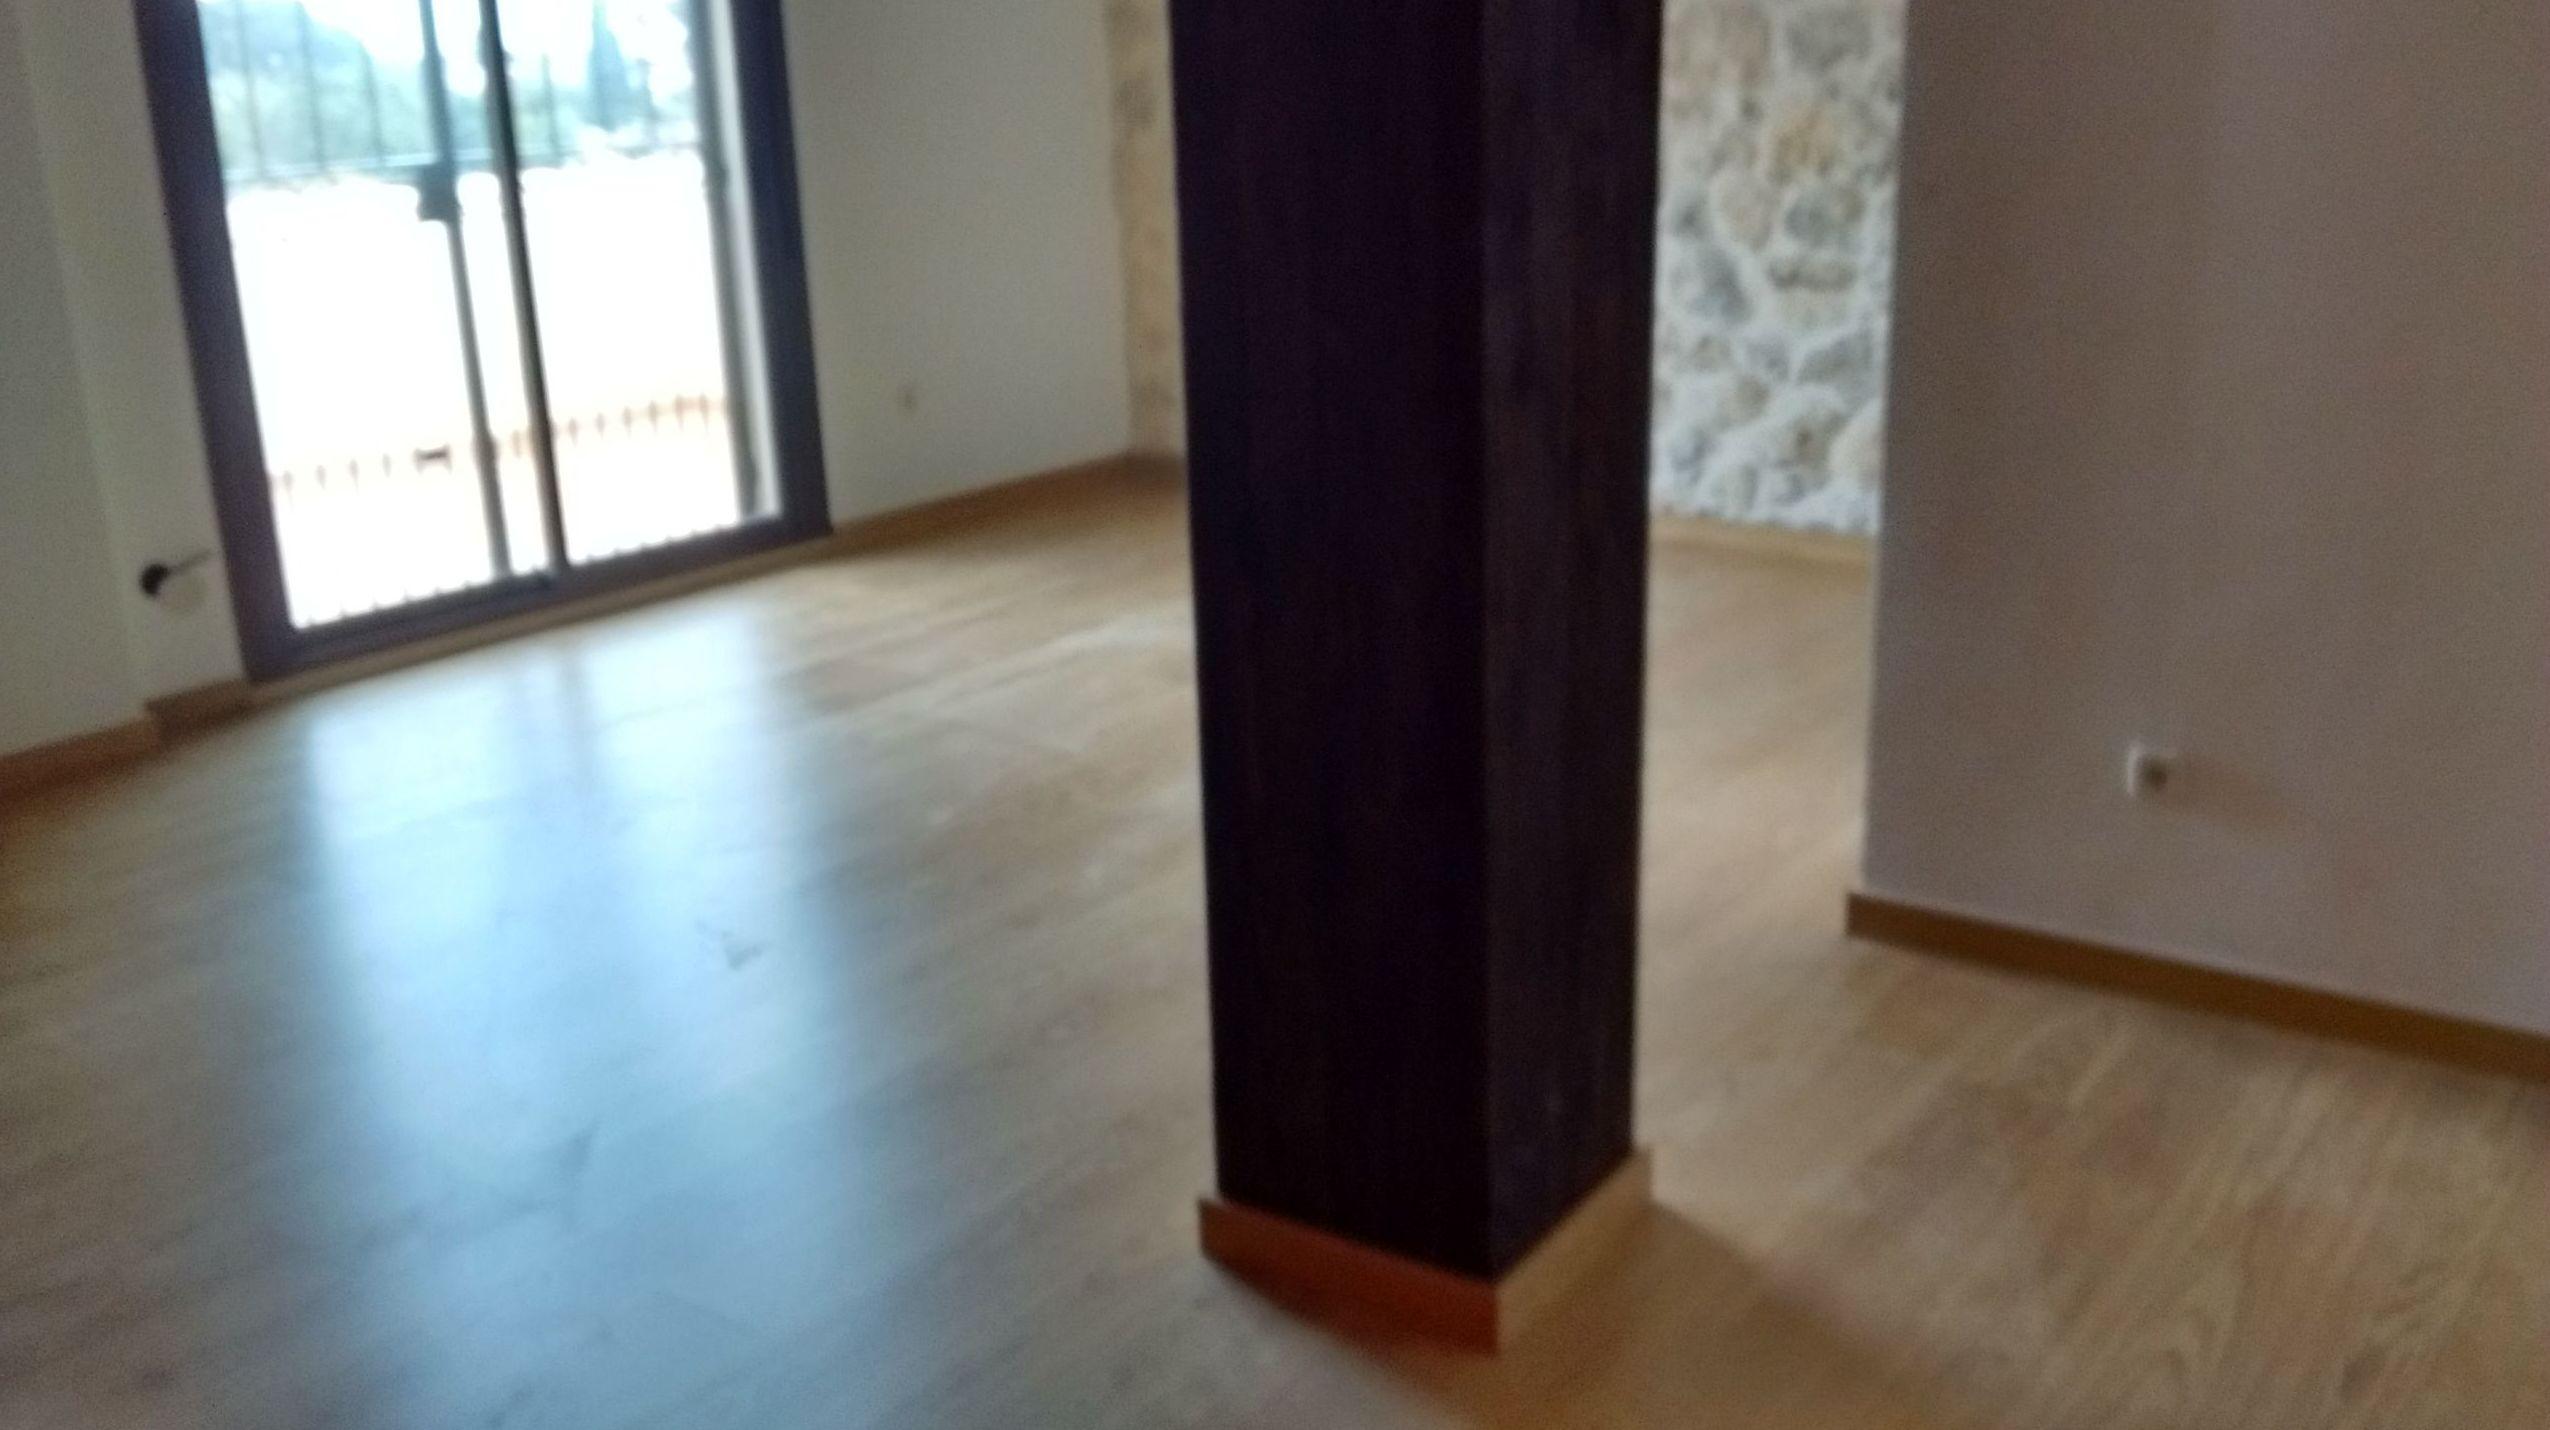 Instalación de parquet de madera de roble multicapa barnizado